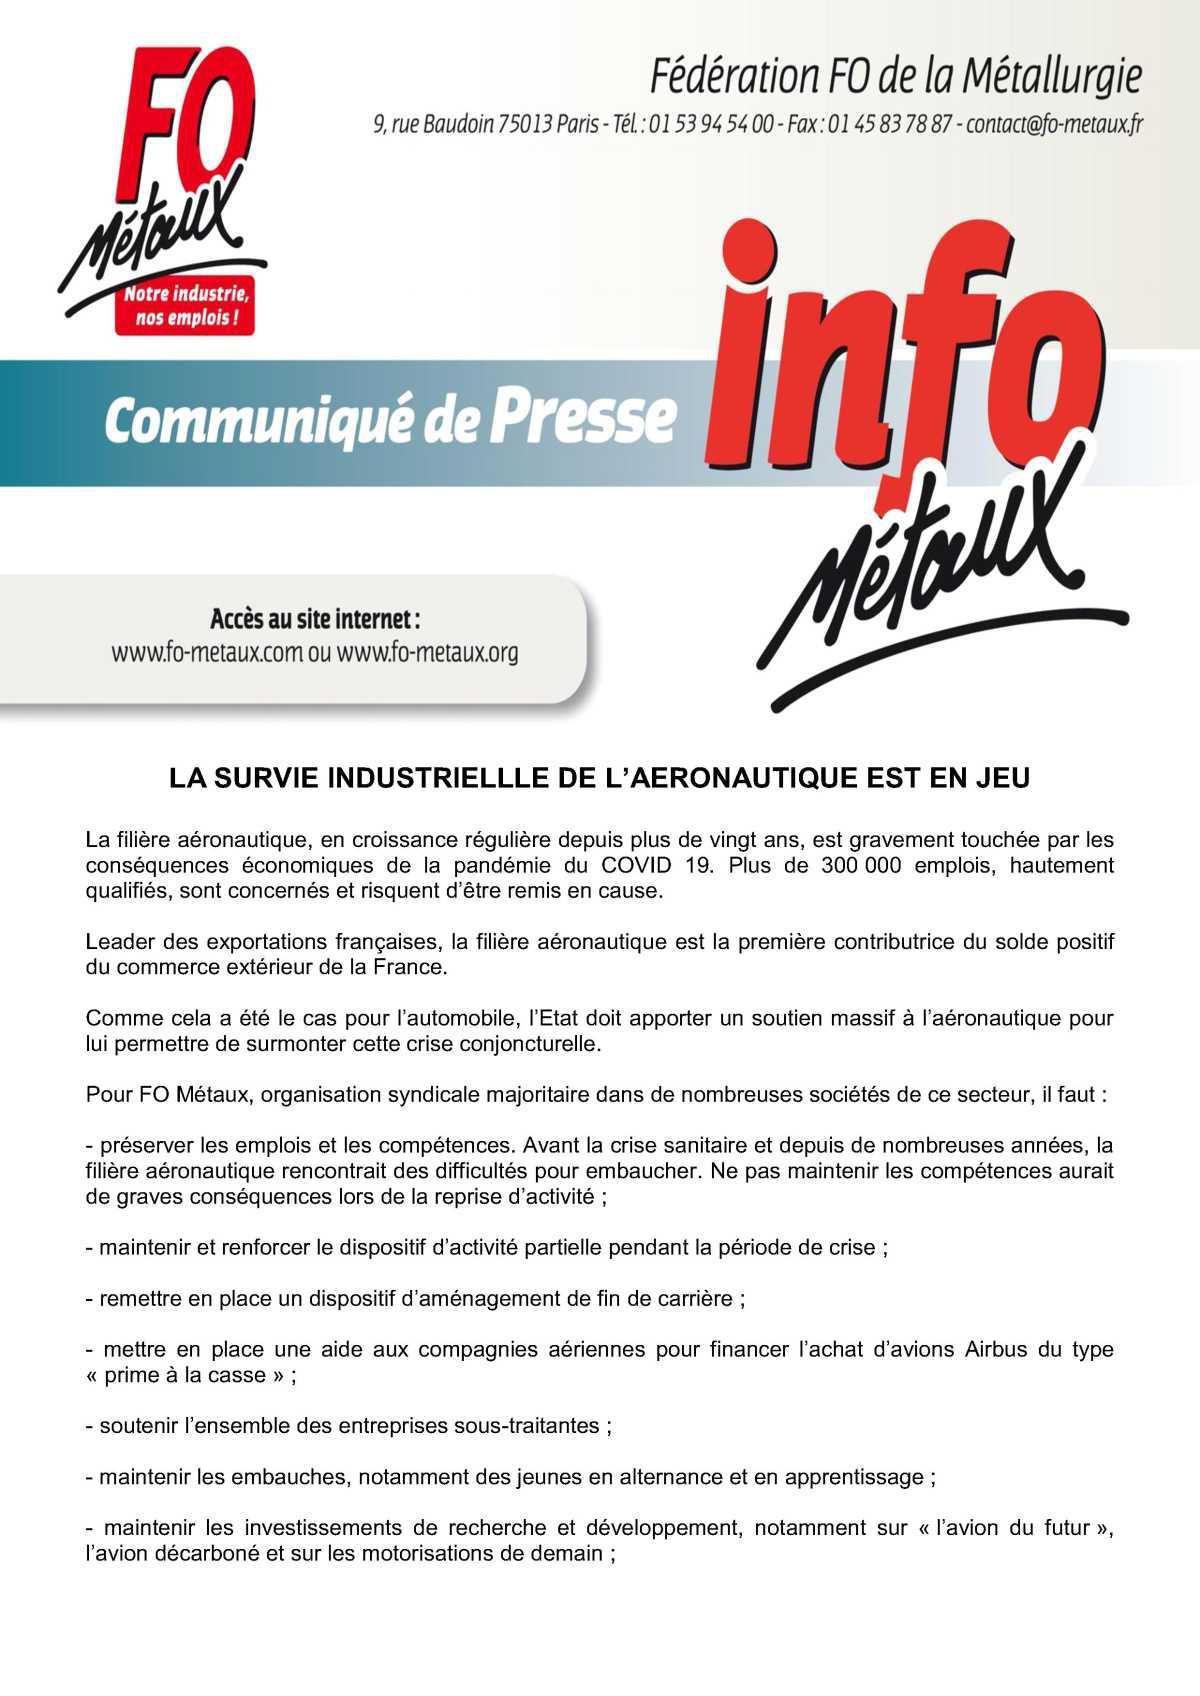 Communiqué de presse FO Métaux